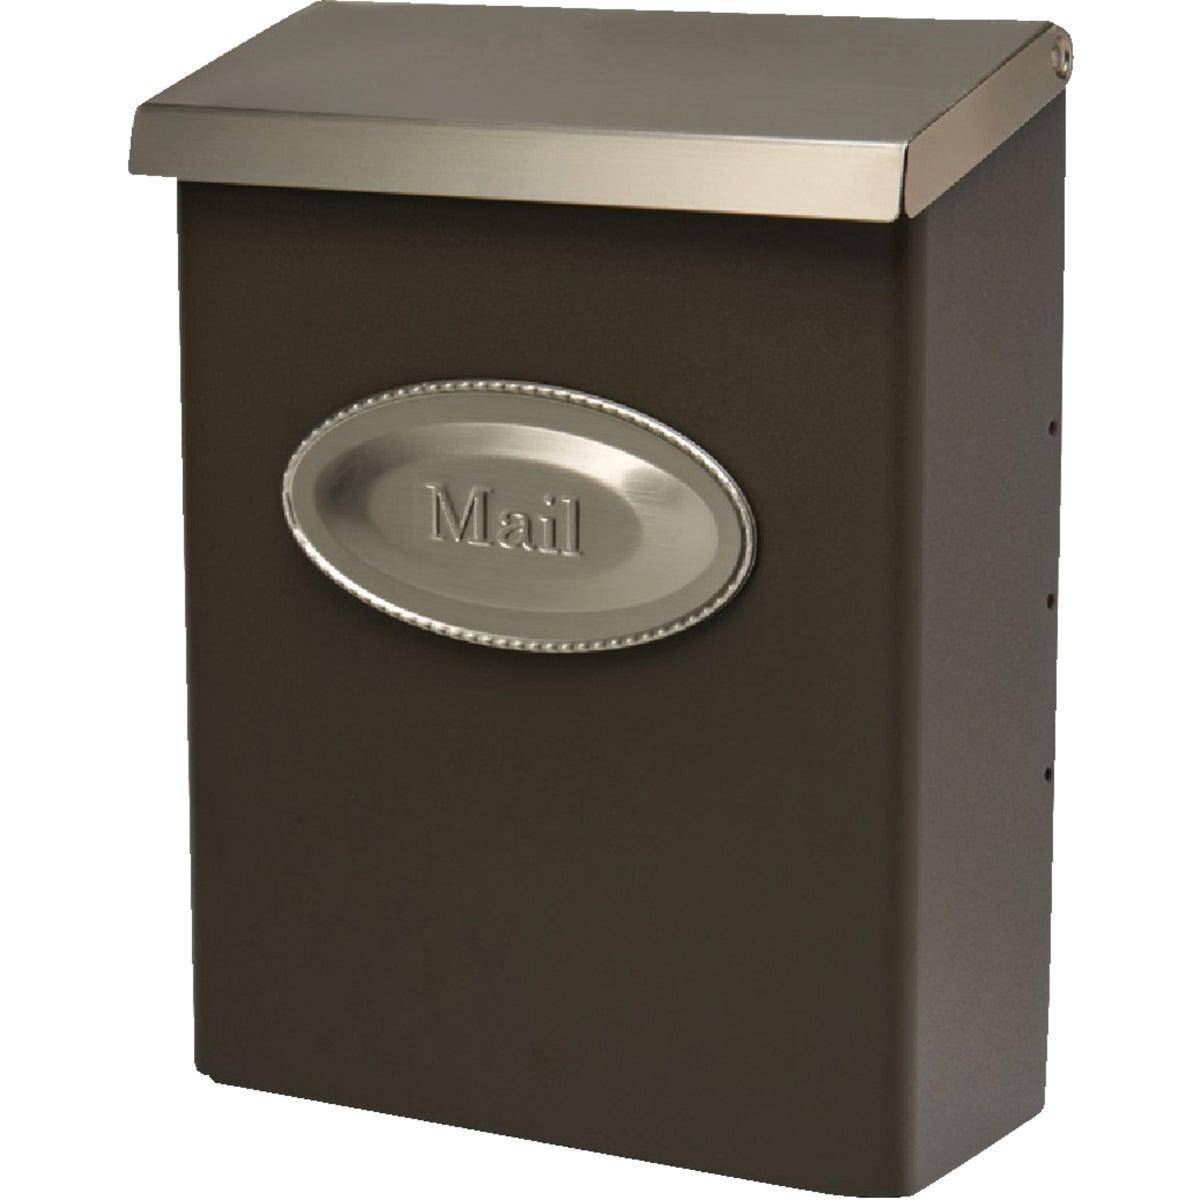 Vbrnze Vert Lock Mailbox